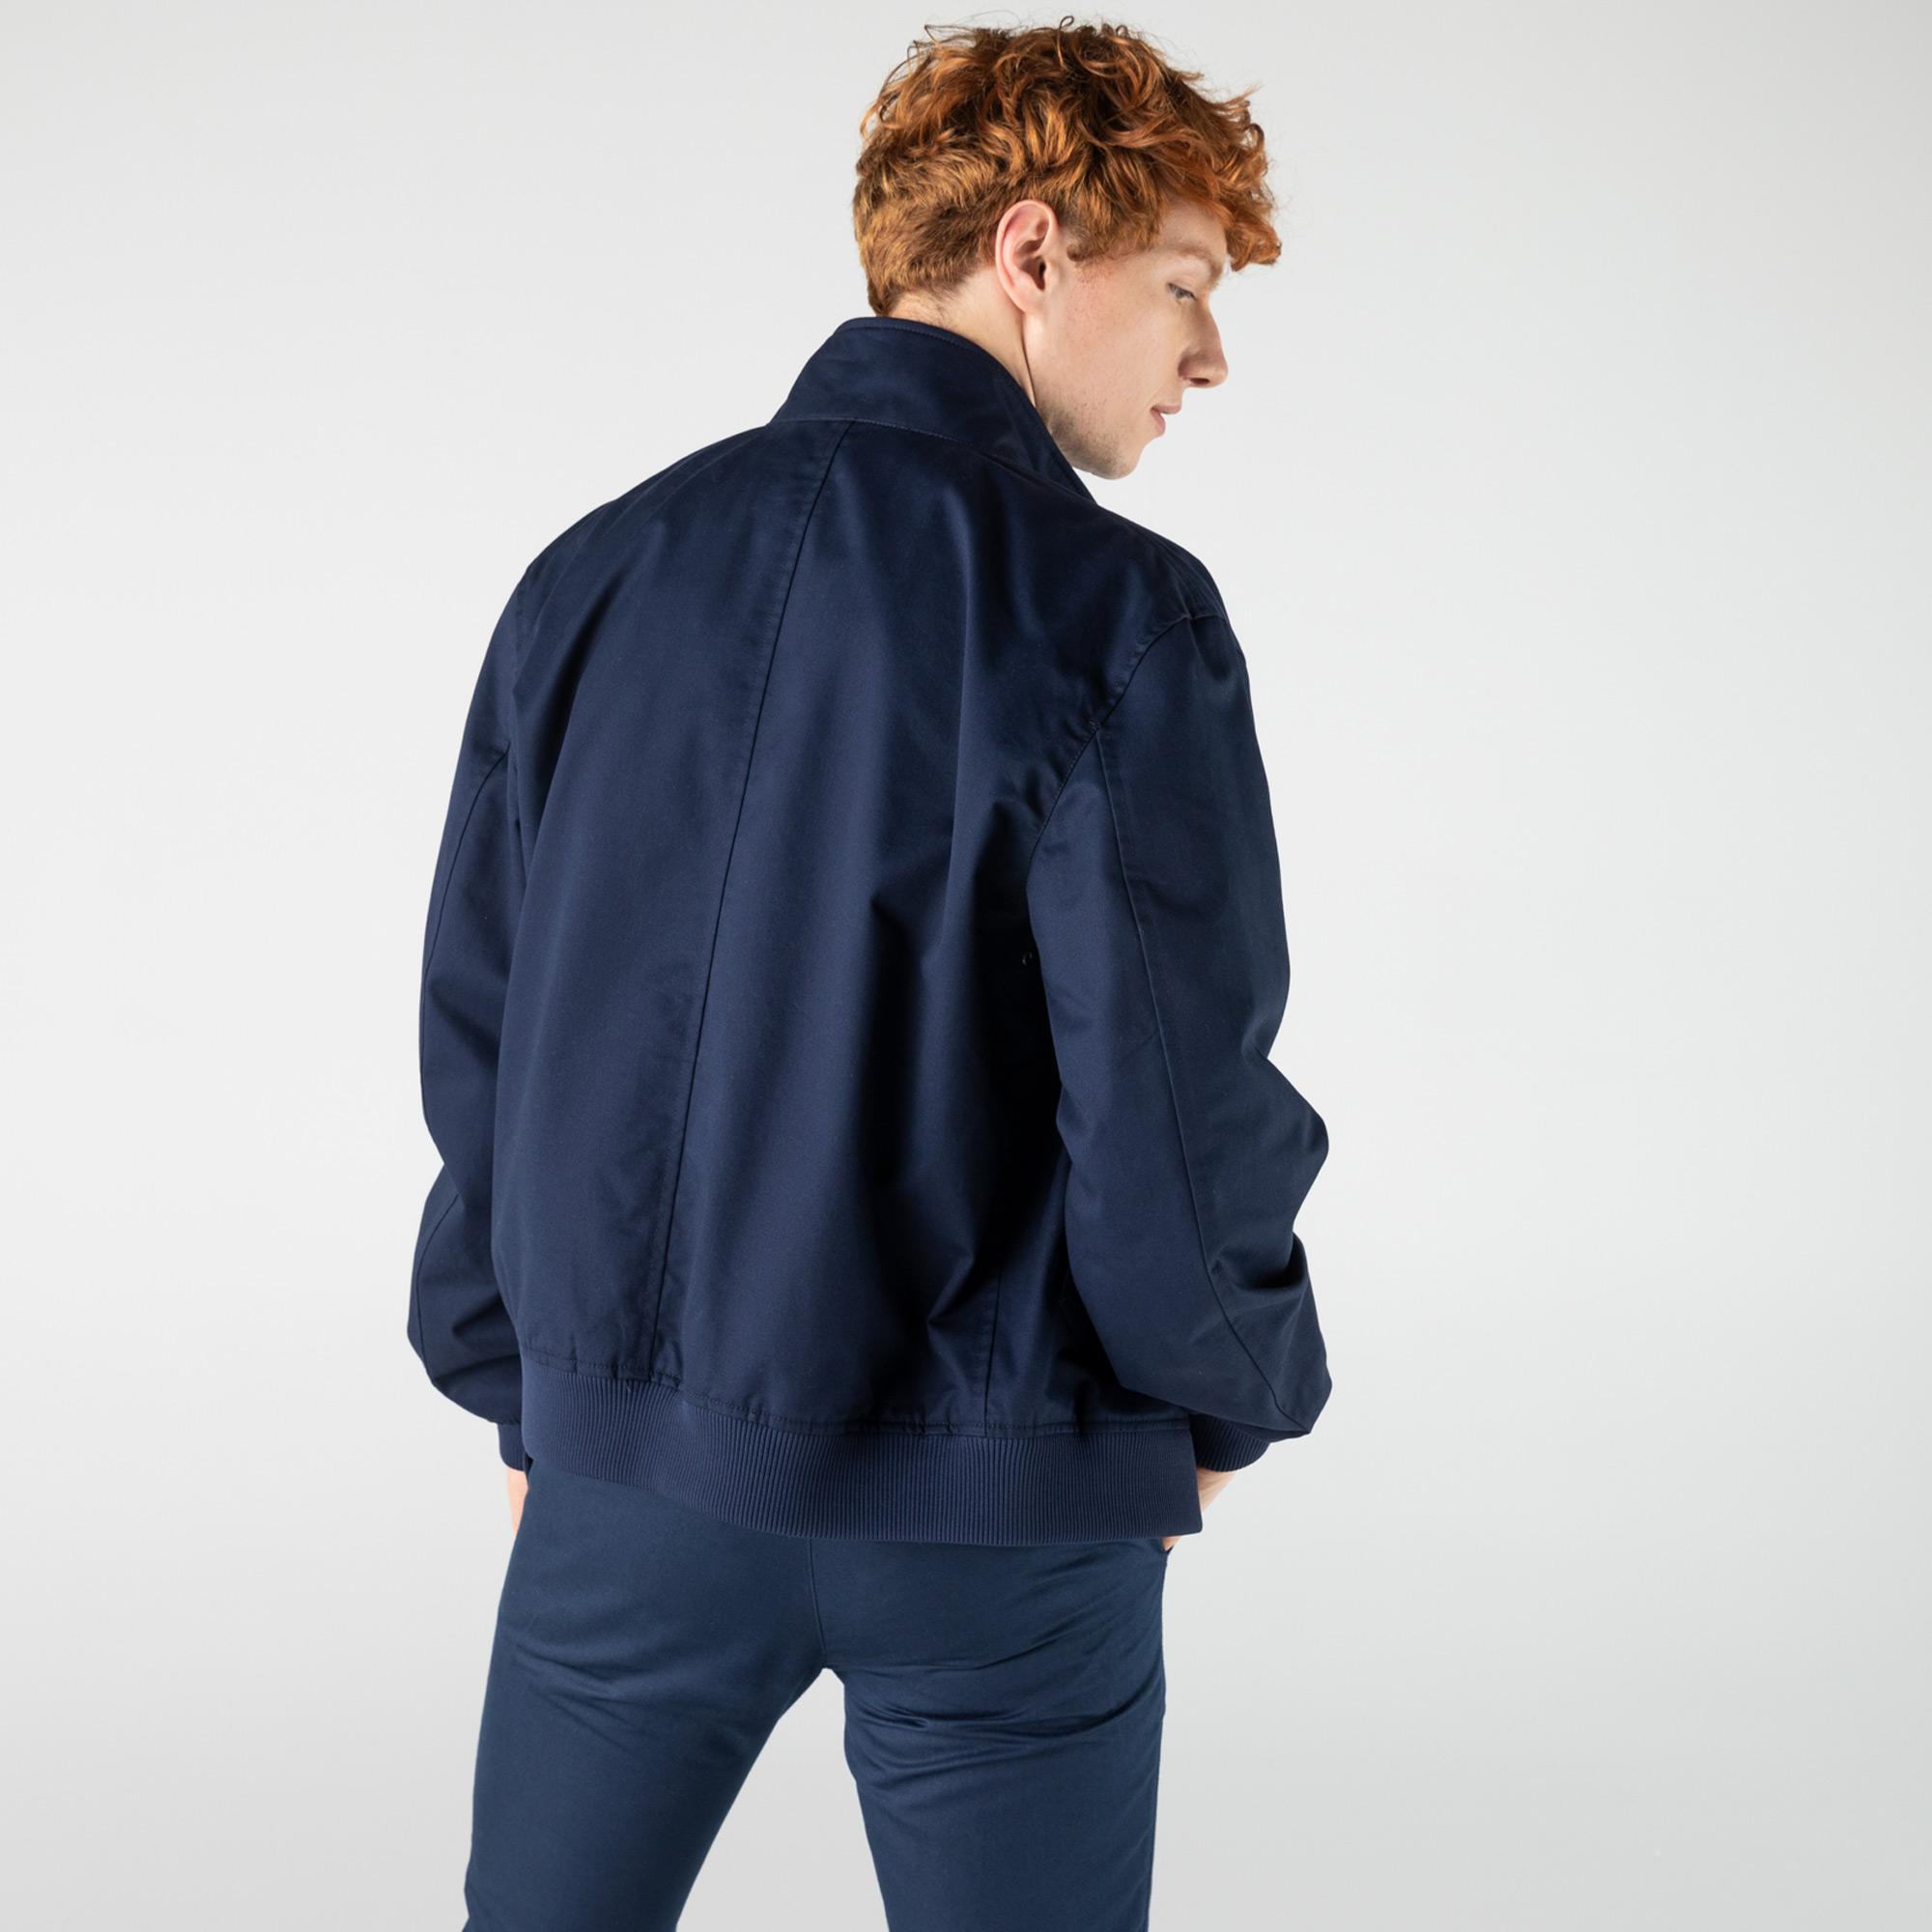 Lacoste Erkek Fermuarlı Lacivert Ceket